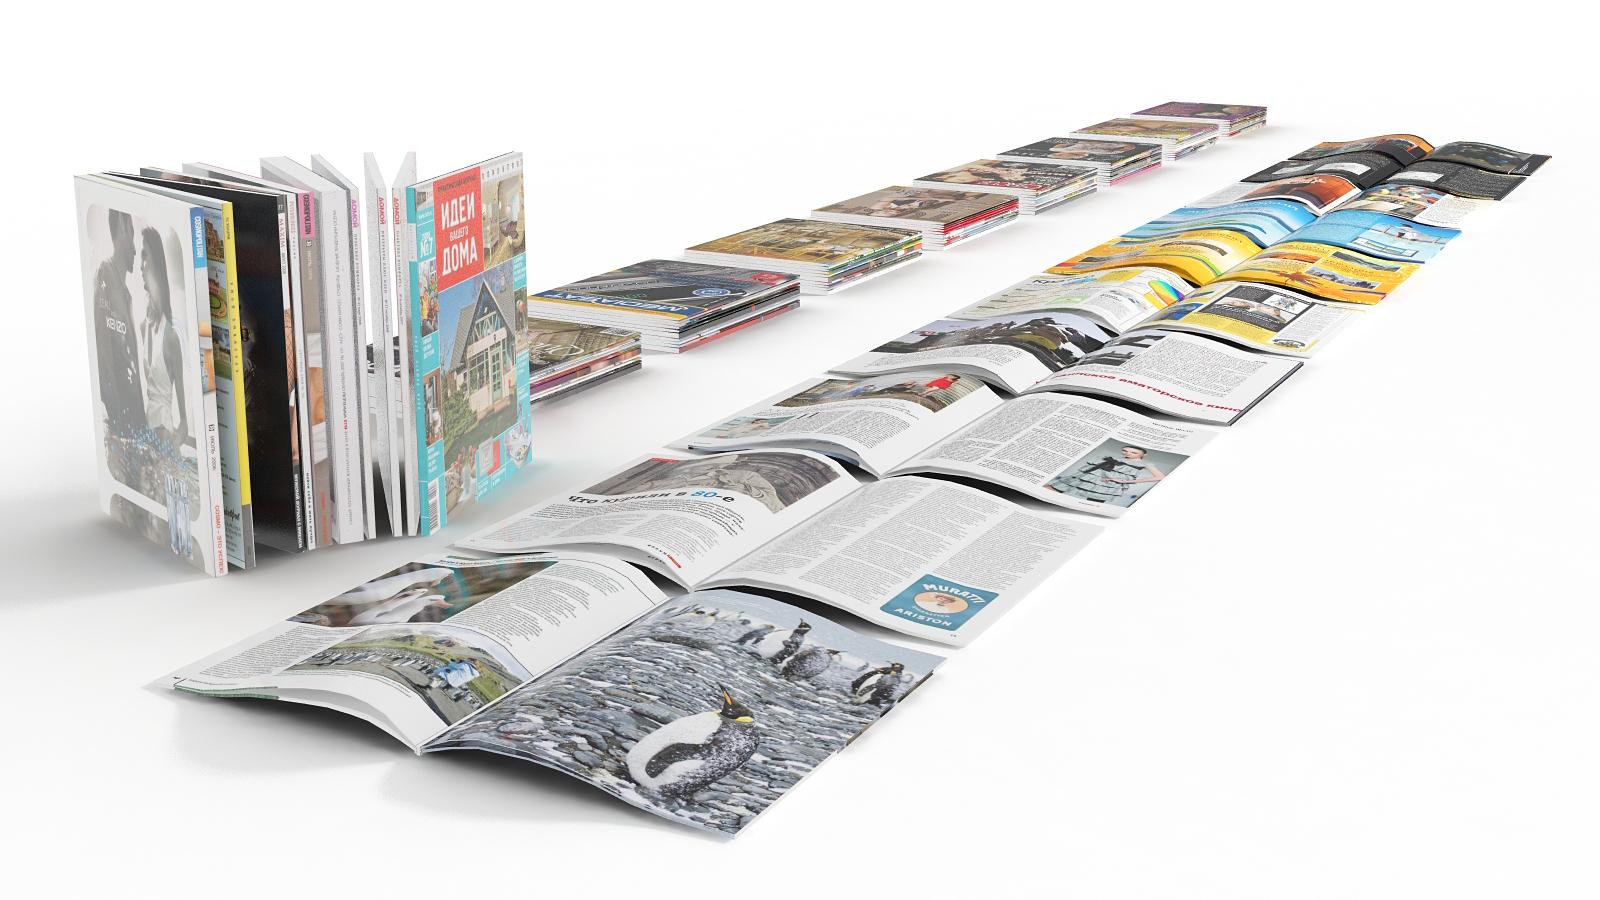 Сбор заказов. Уцененные книги, журналы, раскраски! Огромный выбор! Много новинок в распродаже! Появились открытки. Цены от 3 рублей. Экспресс. Выкуп 23. Стоп в пятницу вечером